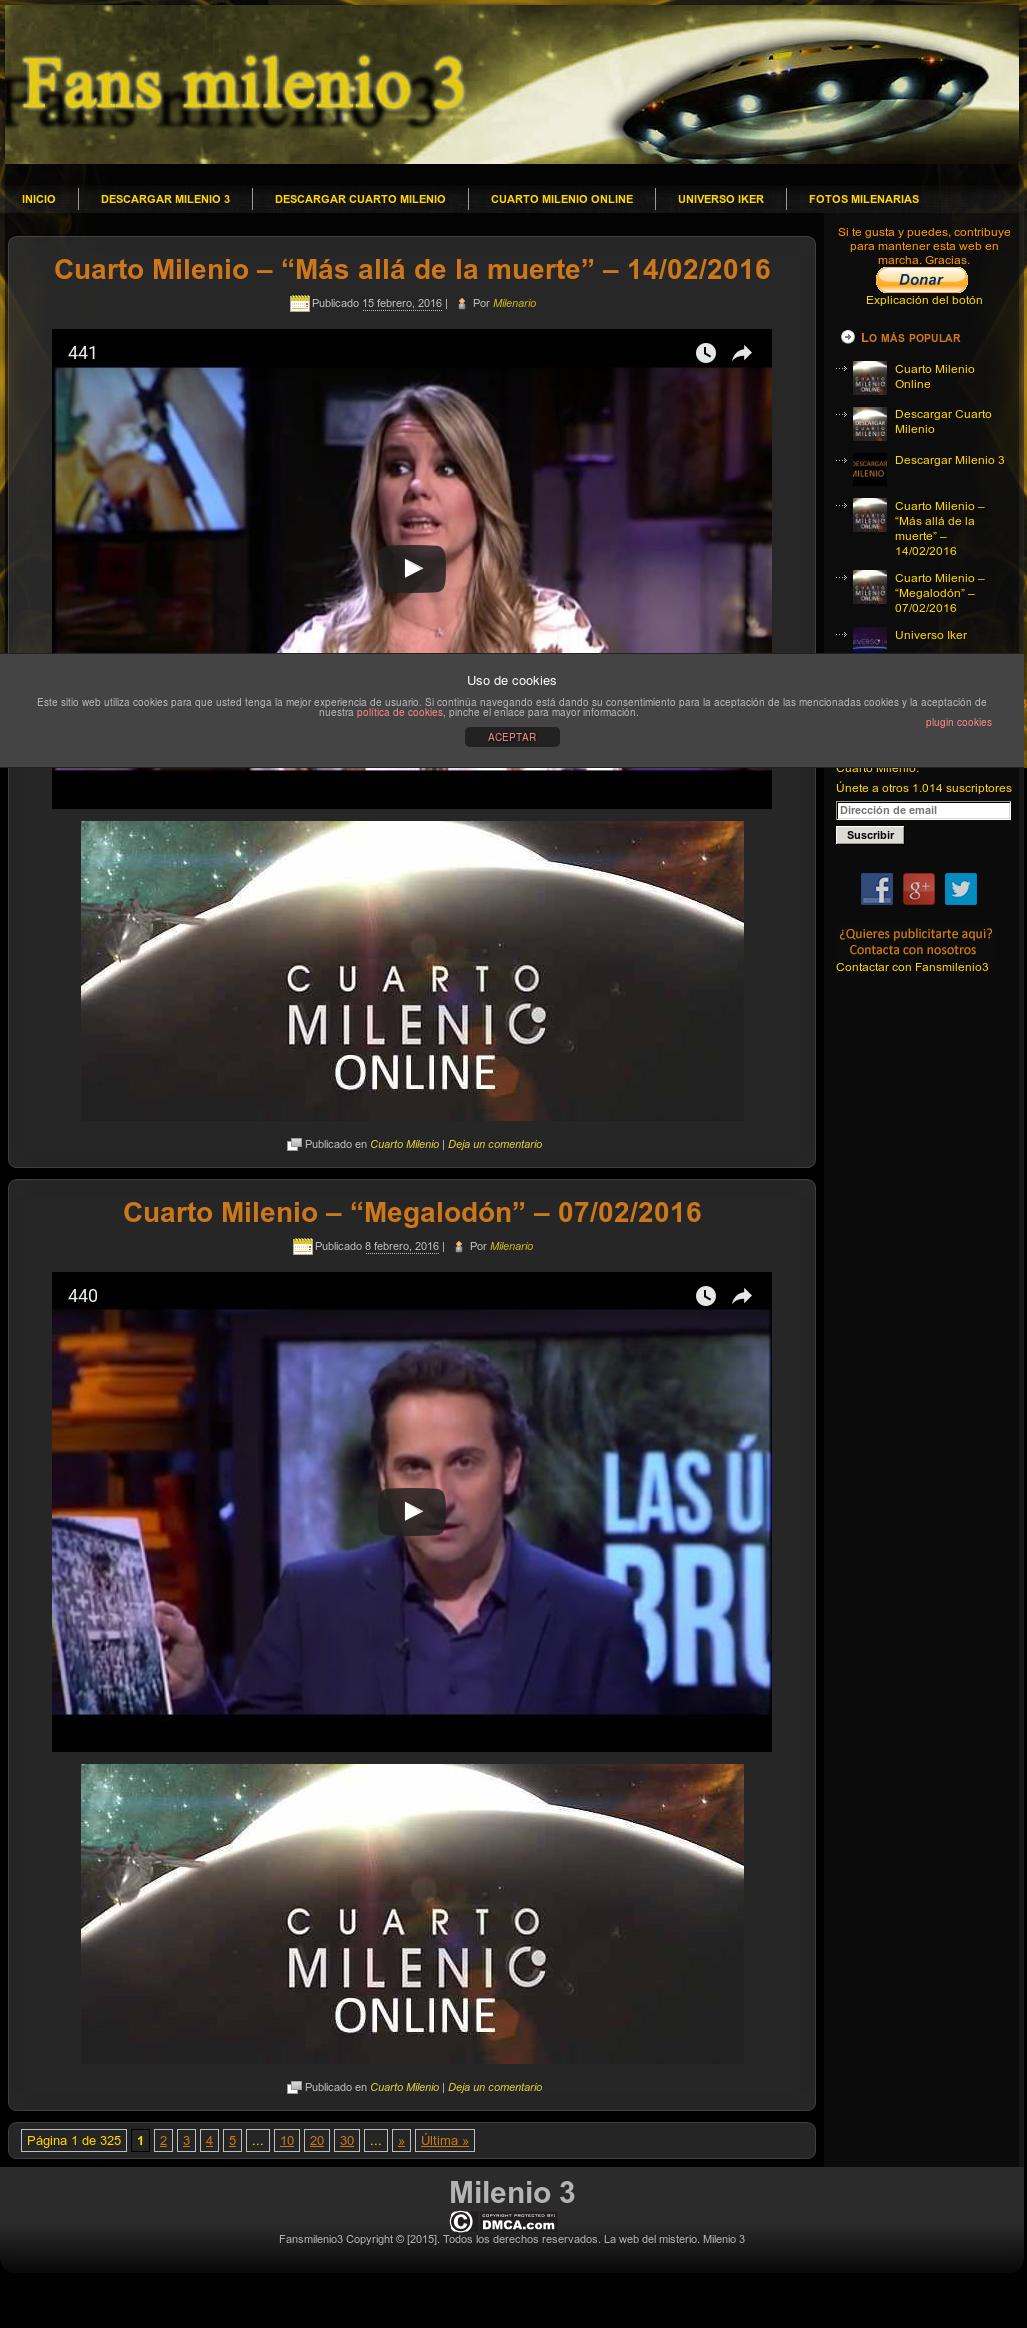 Emejing Documentales Cuarto Milenio Online Contemporary - Casas ...